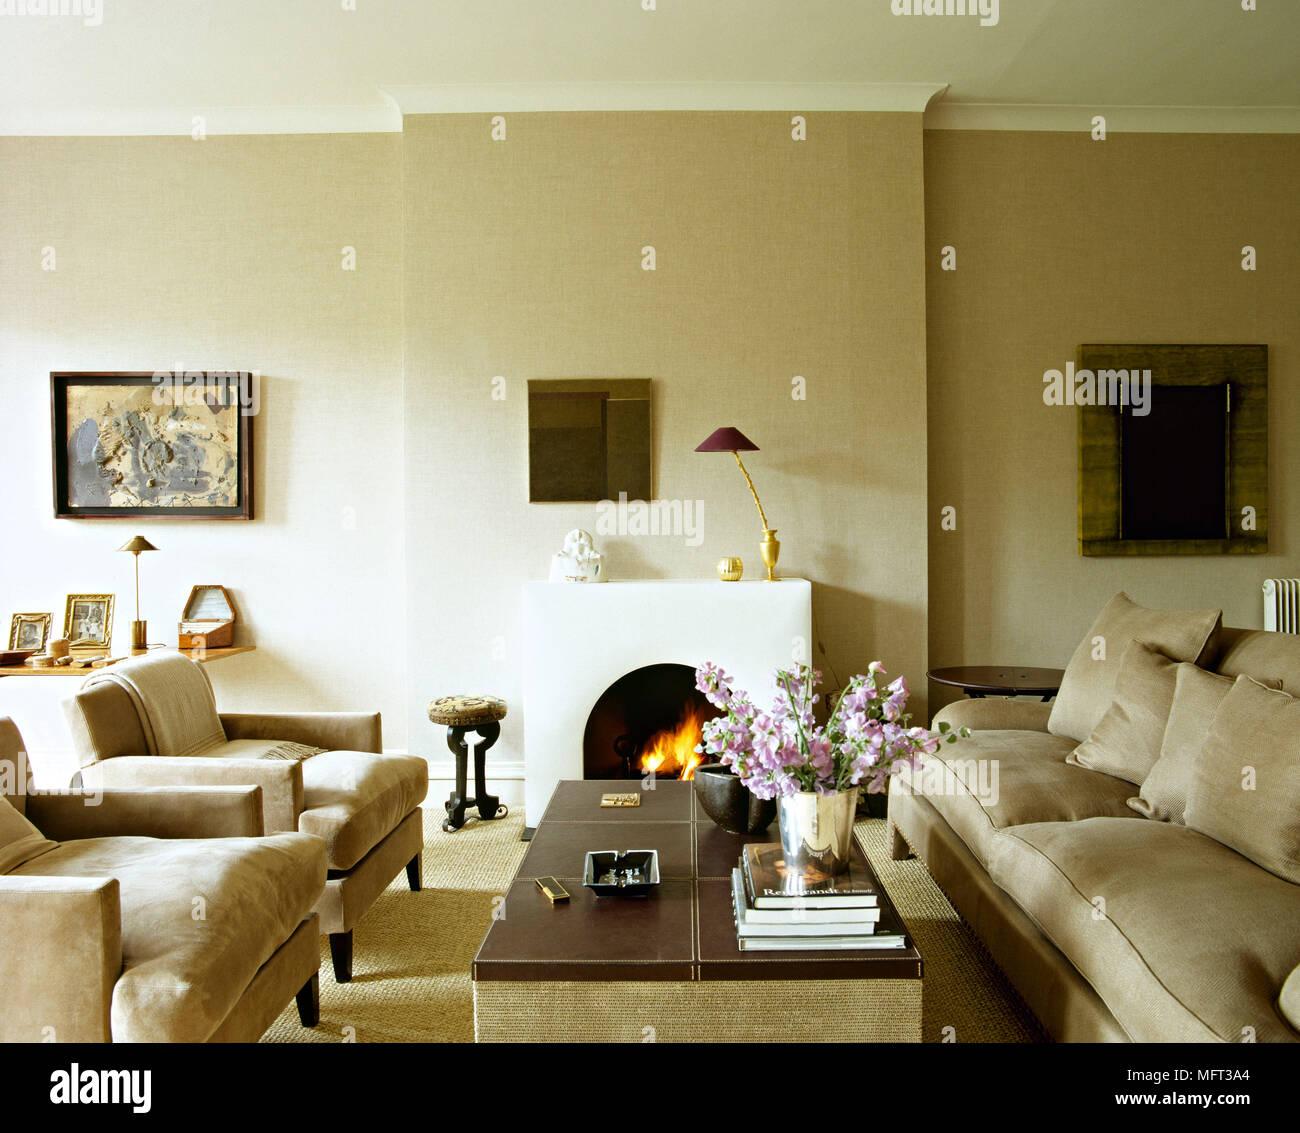 Salon neutre moderne cheminée cheminée canapé fauteuils ...